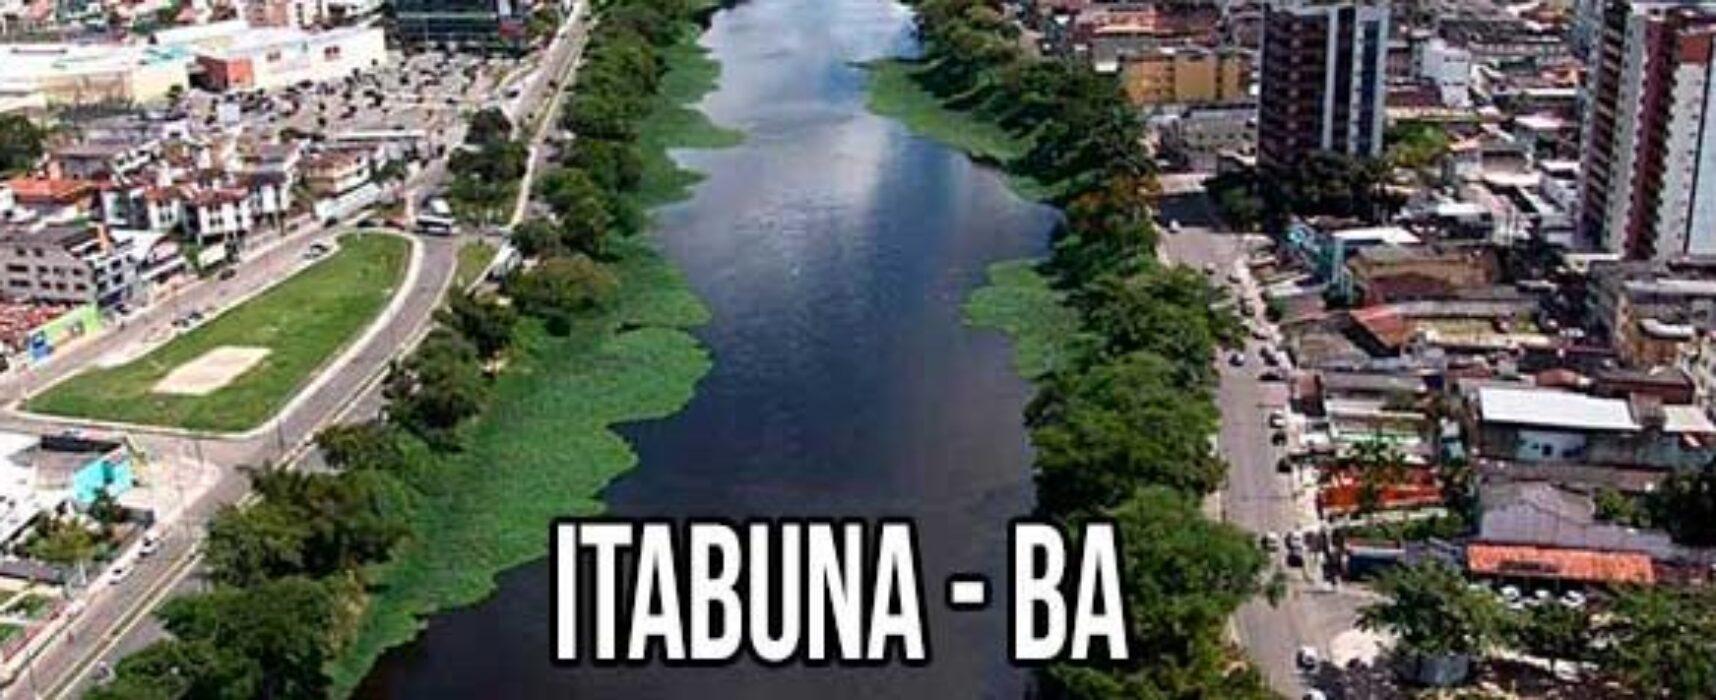 Prazo para o envio de sugestões à Lei Orçamentária 2022 de Itabuna termina nesta quarta-feira